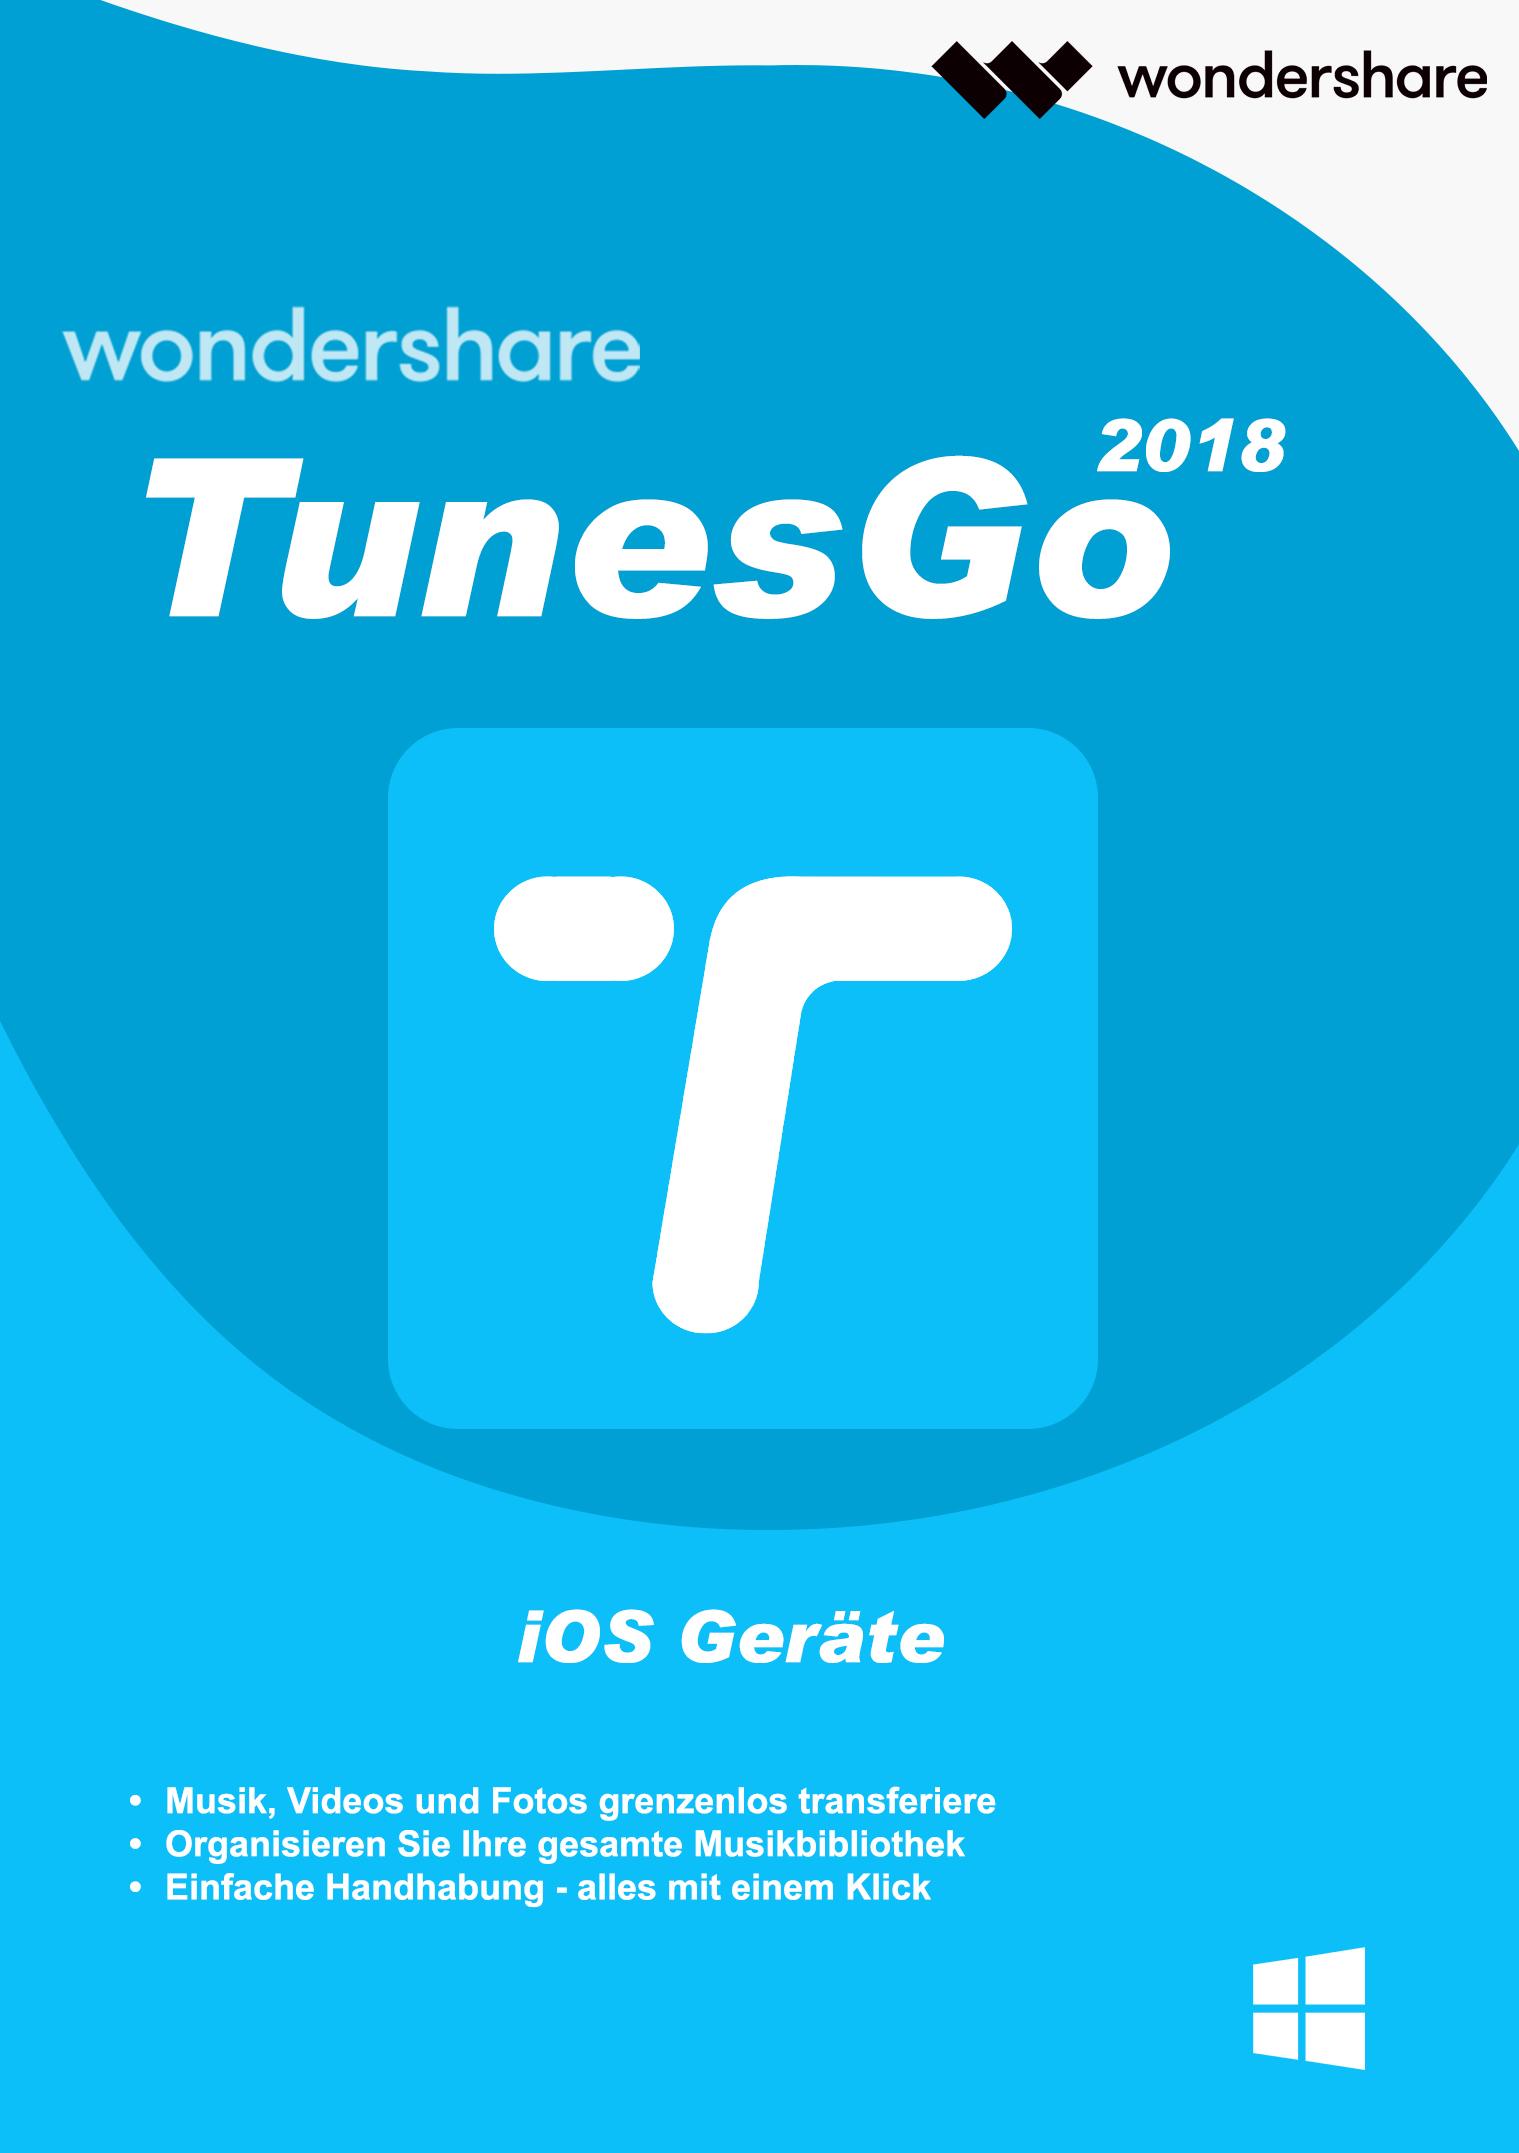 Wondershare TunesGo - iOS Geräte für PC - 2018 [Download]